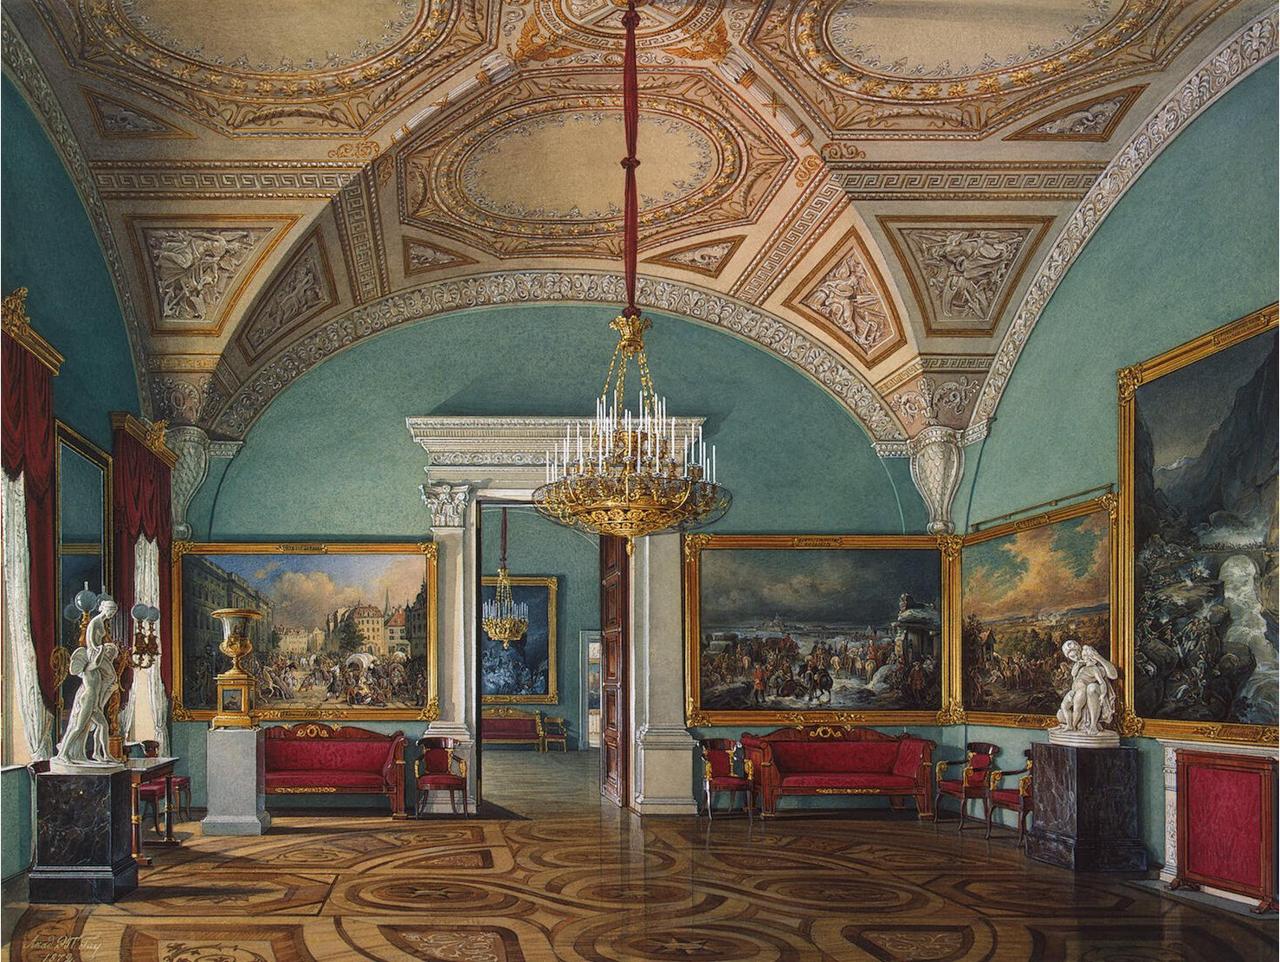 Интерьеры Зимнего дворца. Второй зал Военной галереи